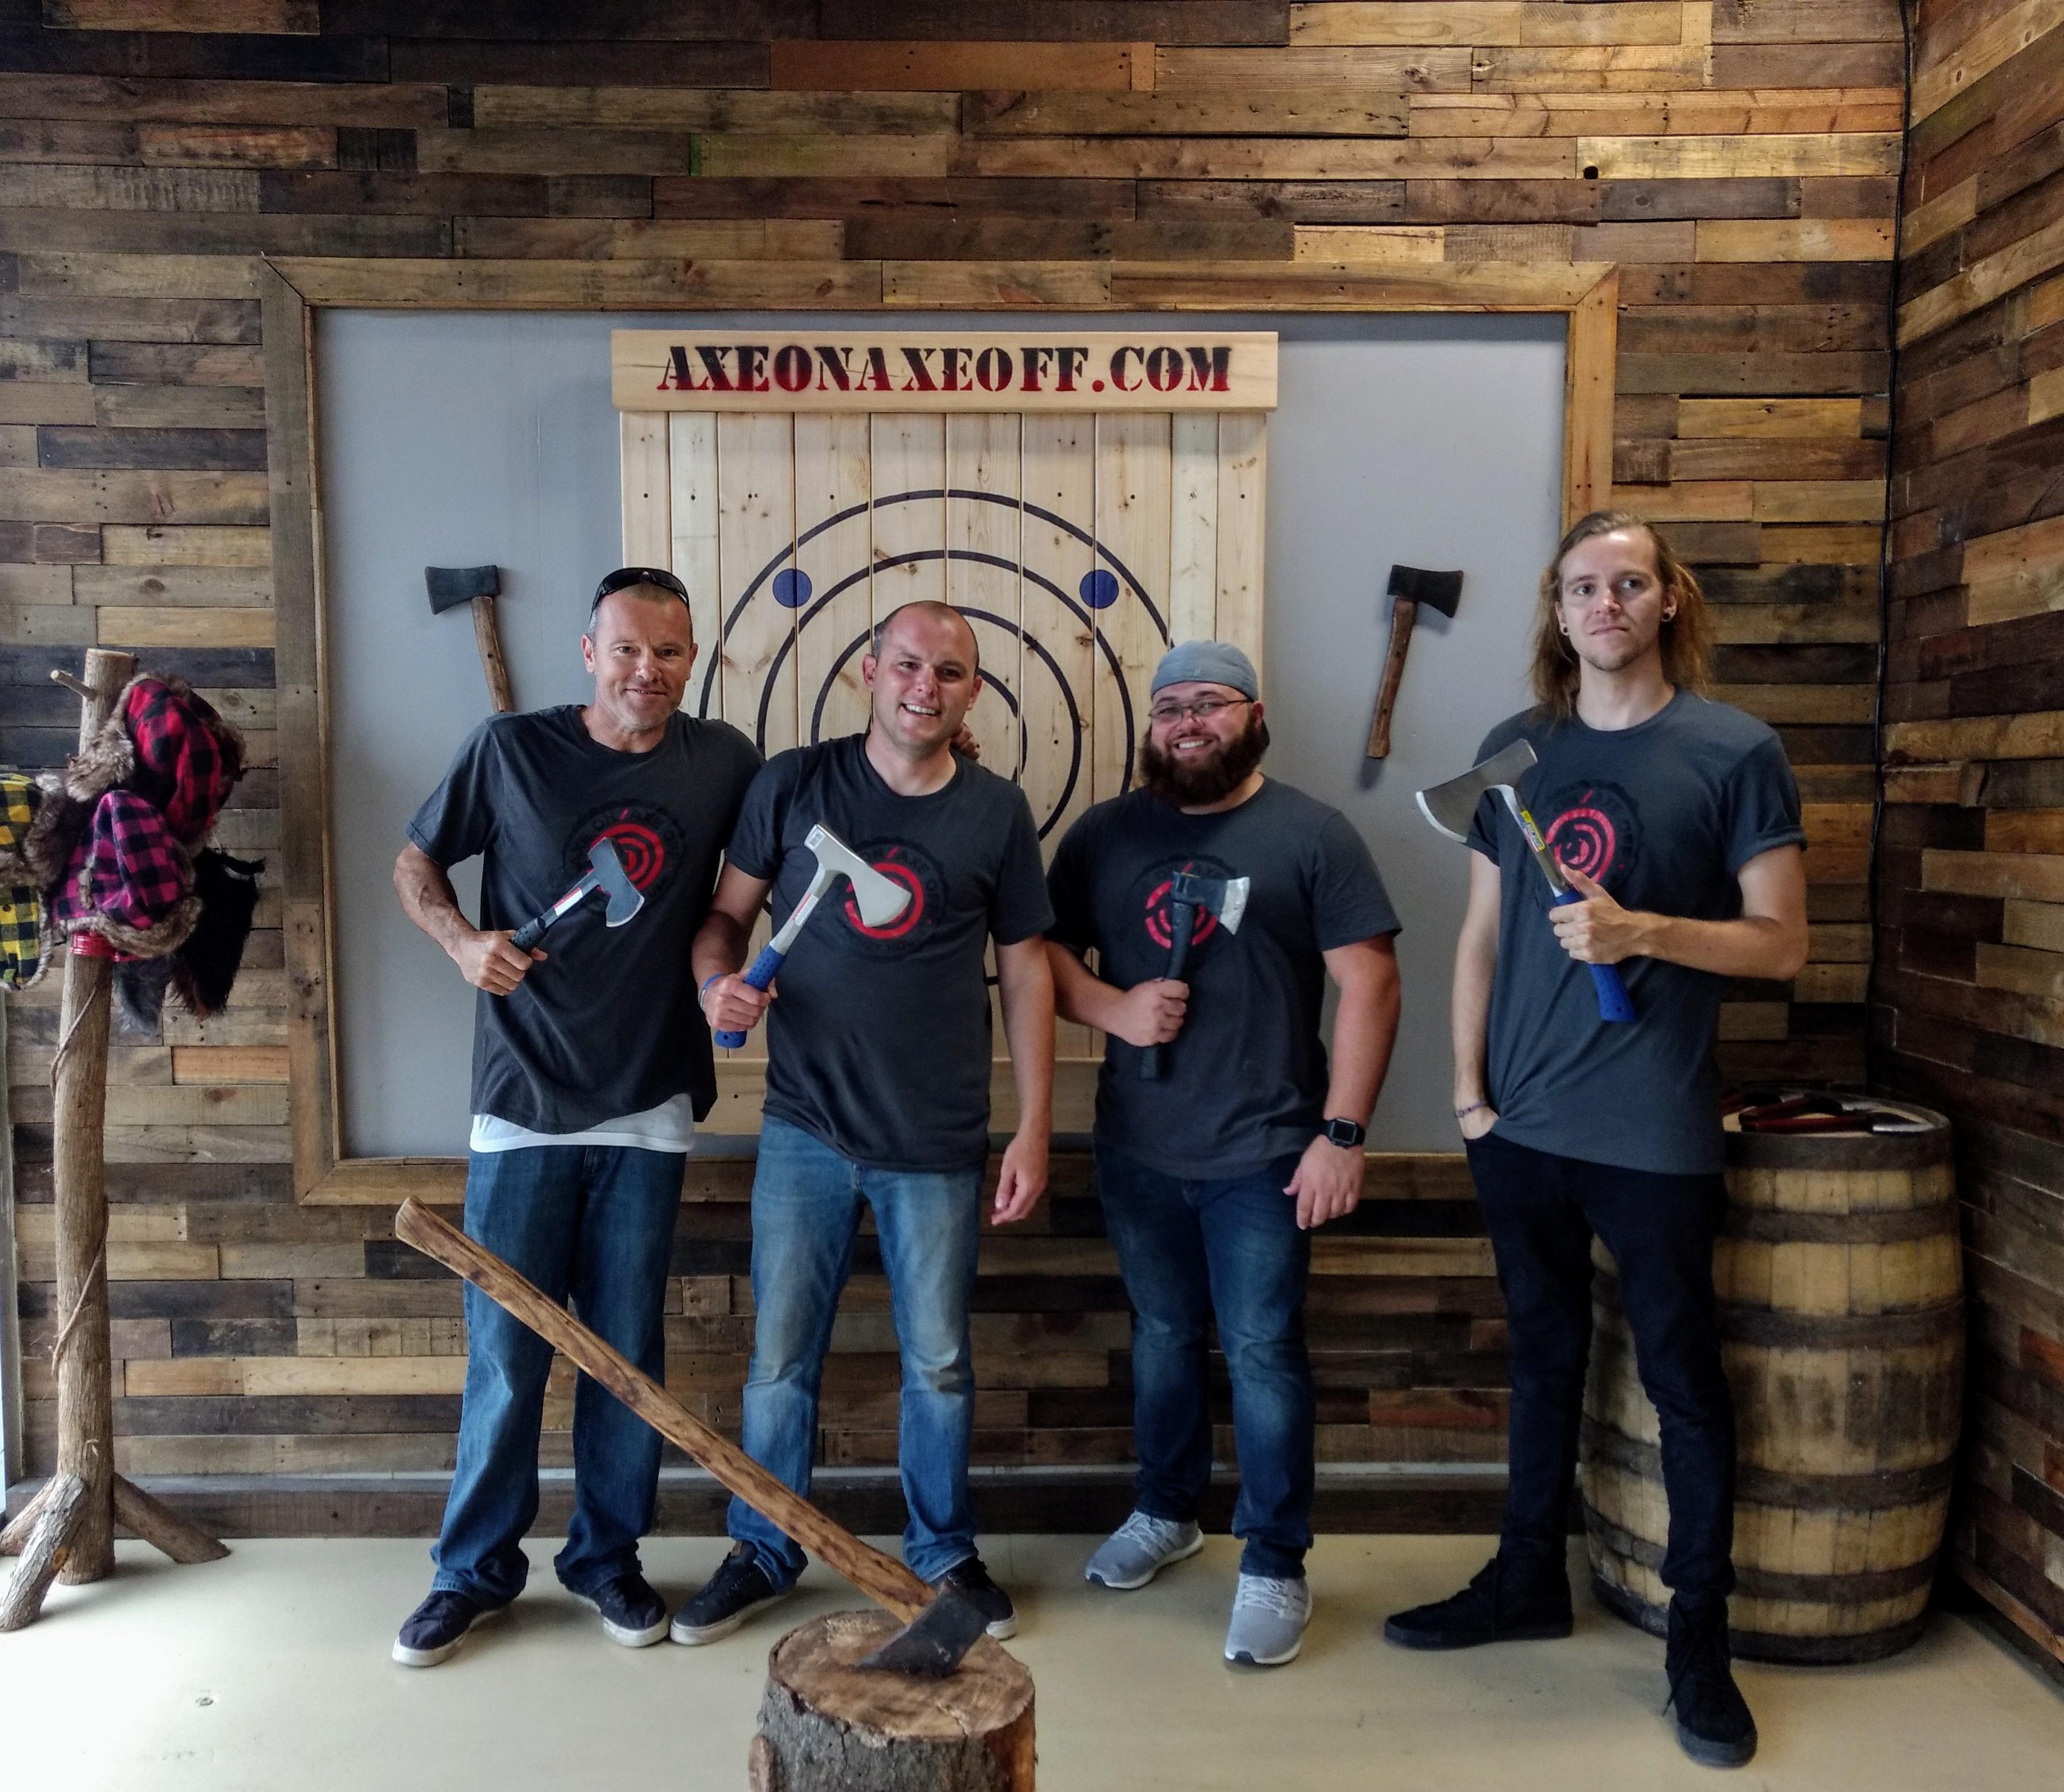 Axe On Axe Off - Axe Throwing Venue - Orlando, FL 32809 - (407)730-5034 | ShowMeLocal.com